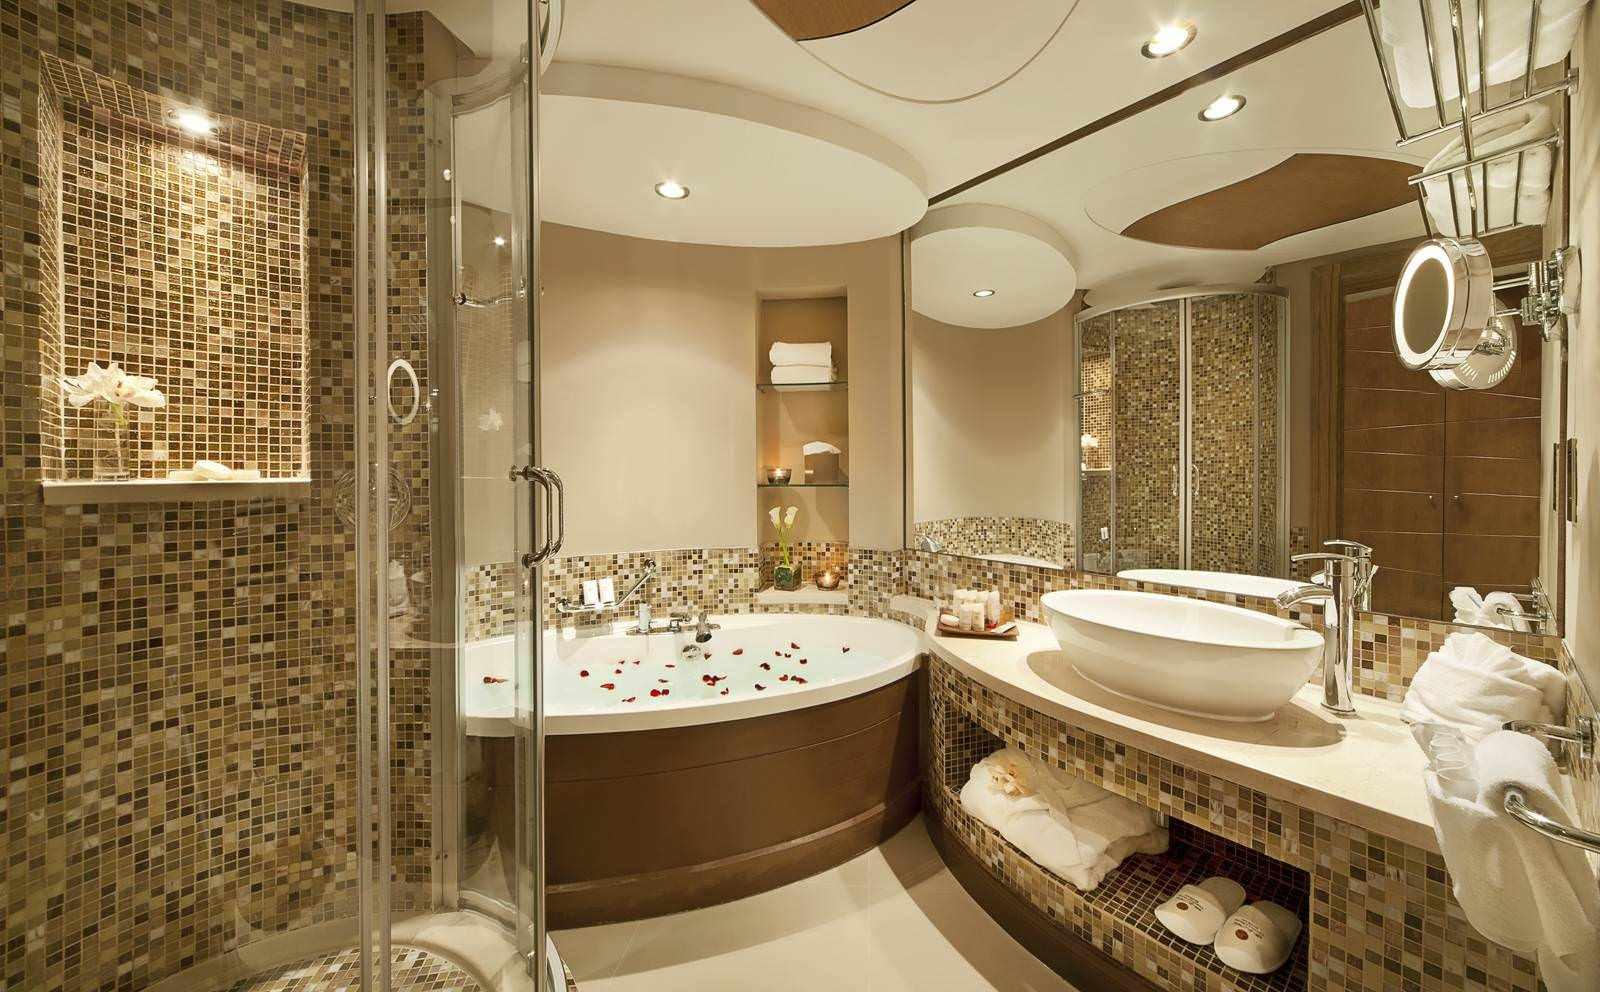 идея светлого интерьера ванной комнаты